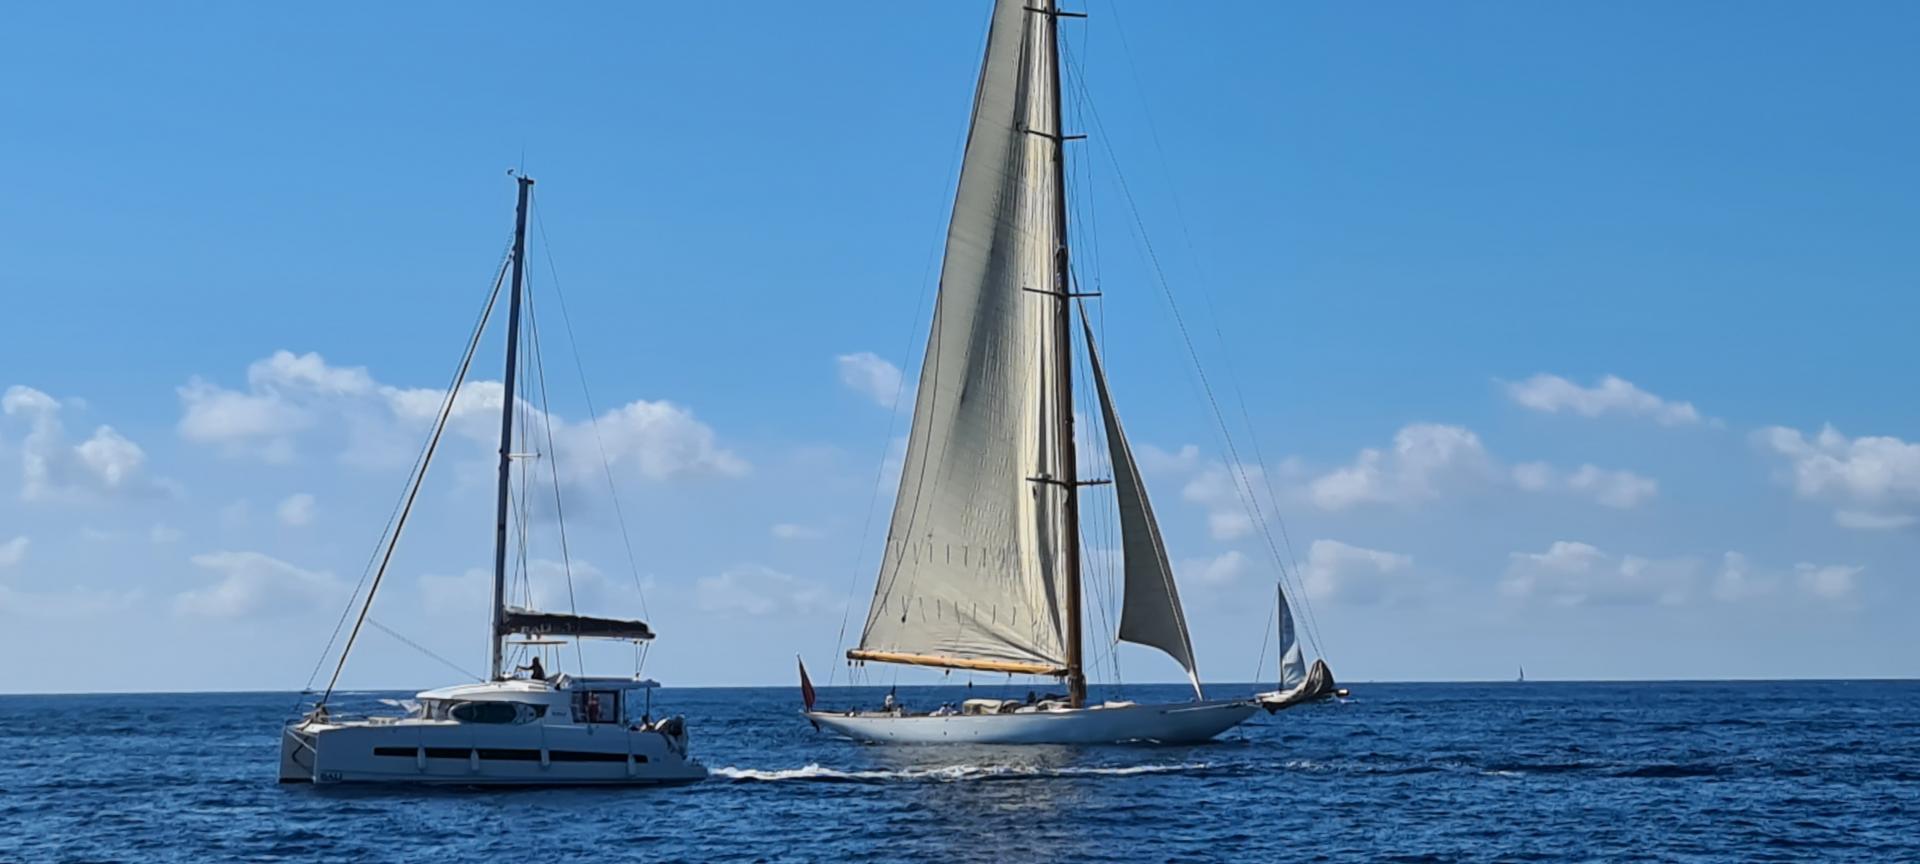 Monohull catamaran